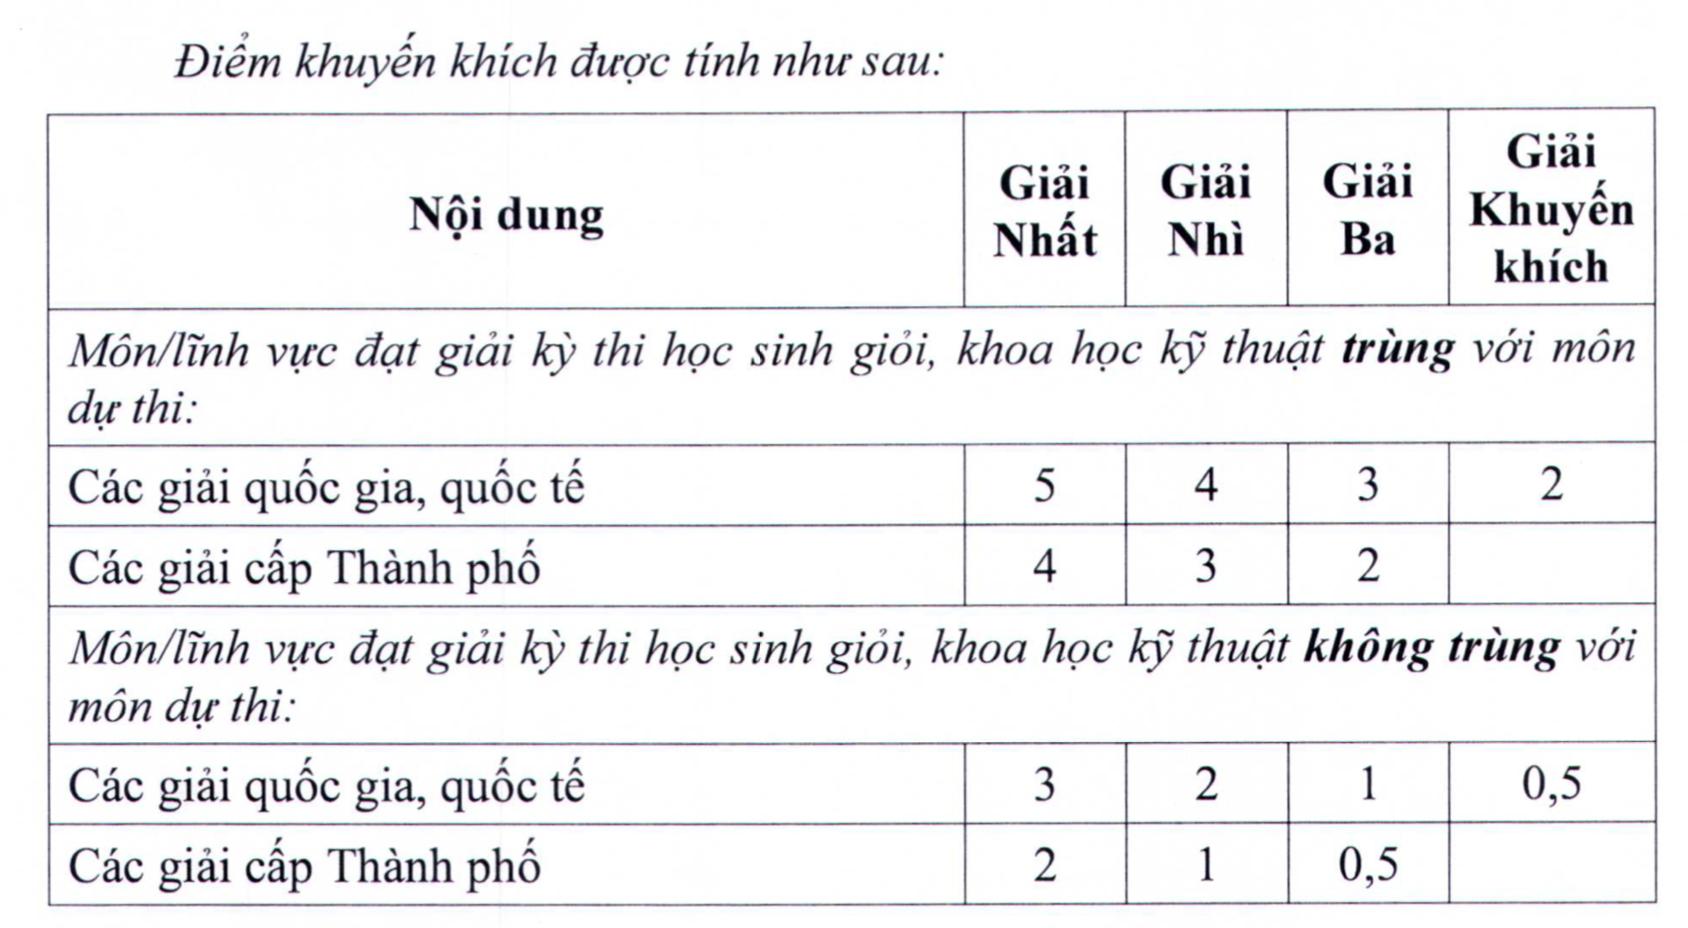 Không thi vào lớp 10, TP.HCM xét tuyển thí sinh dựa trên điểm số lớp 9